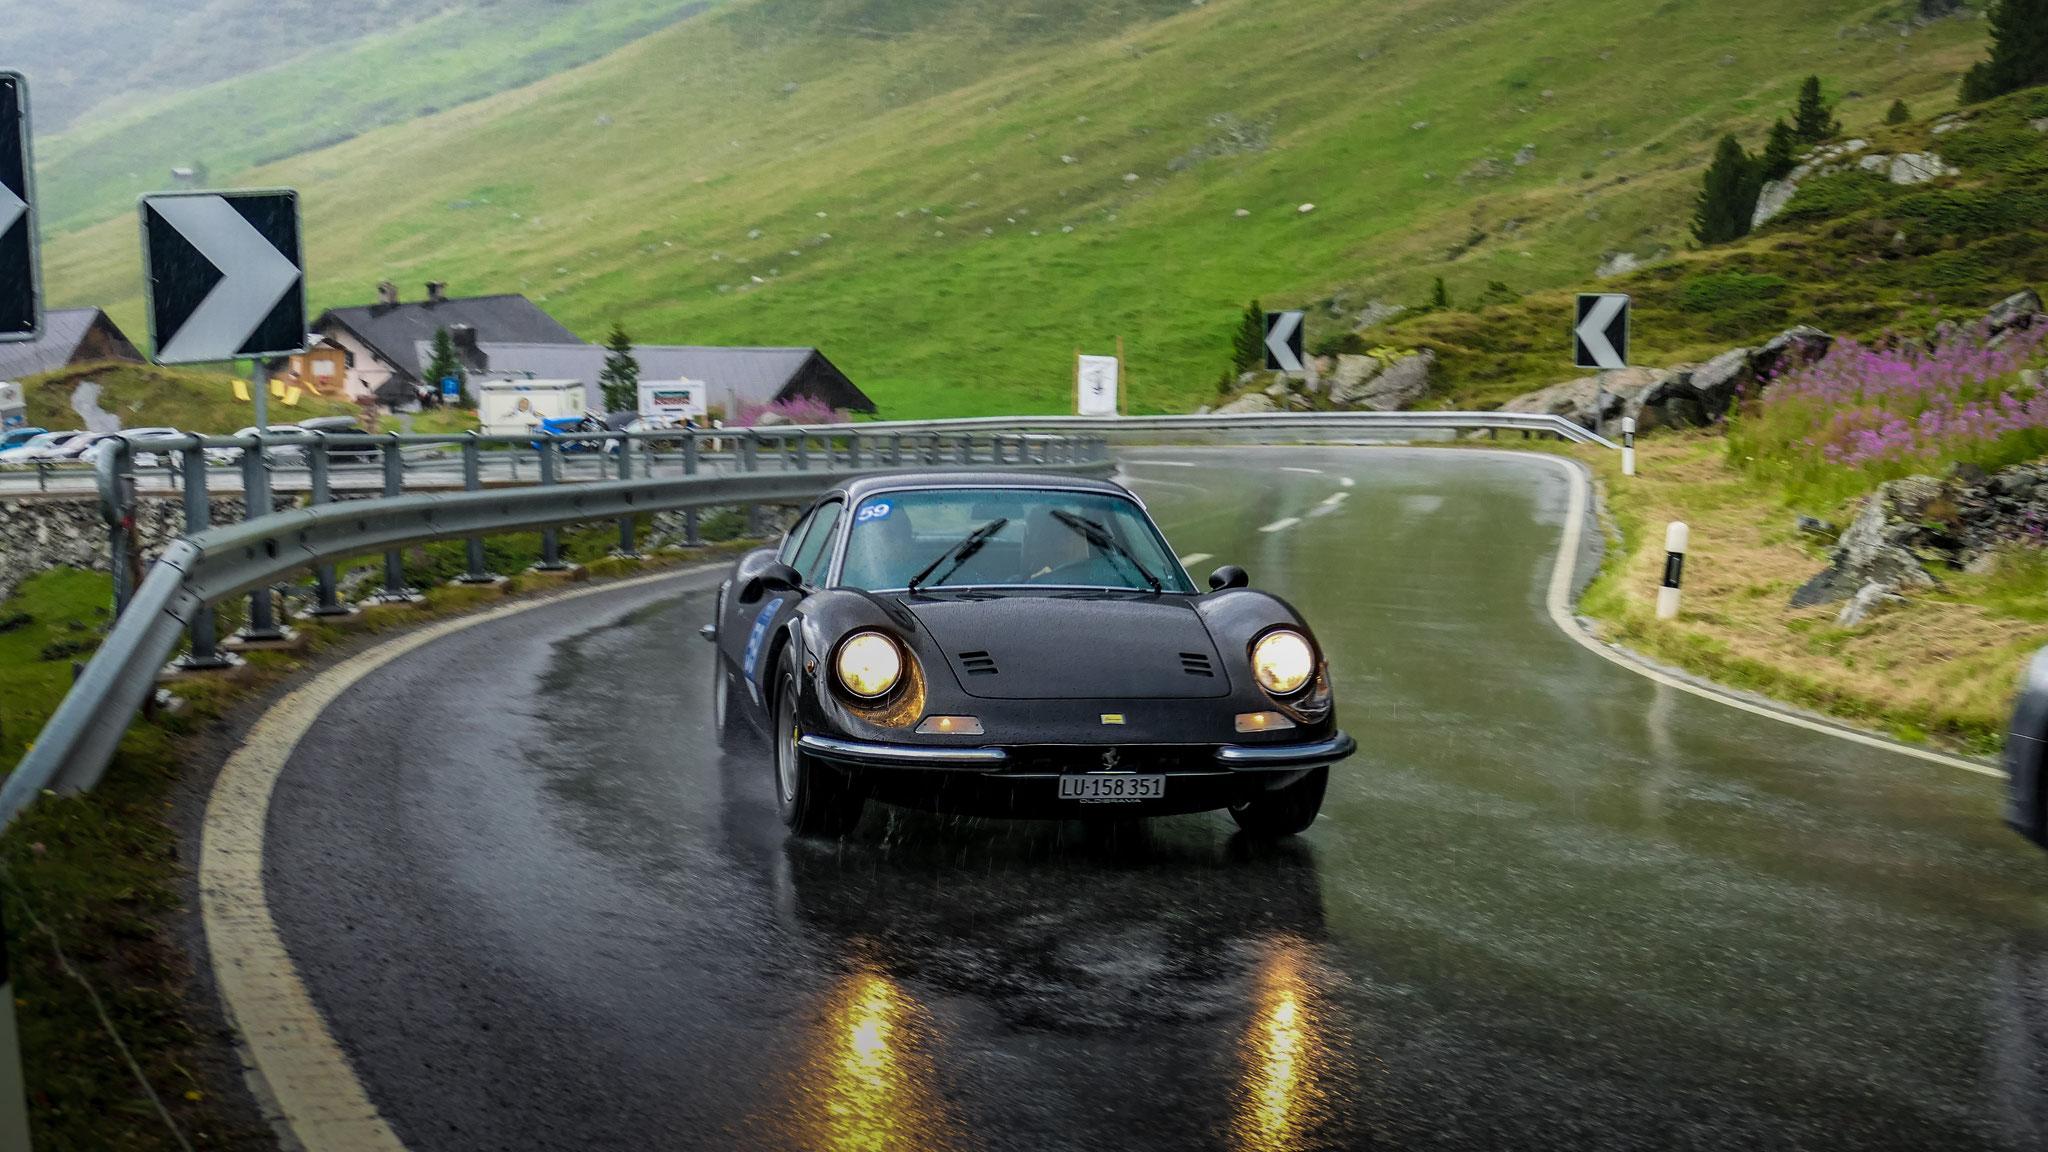 Ferrari Dino 246 - LU-158351 (CH)